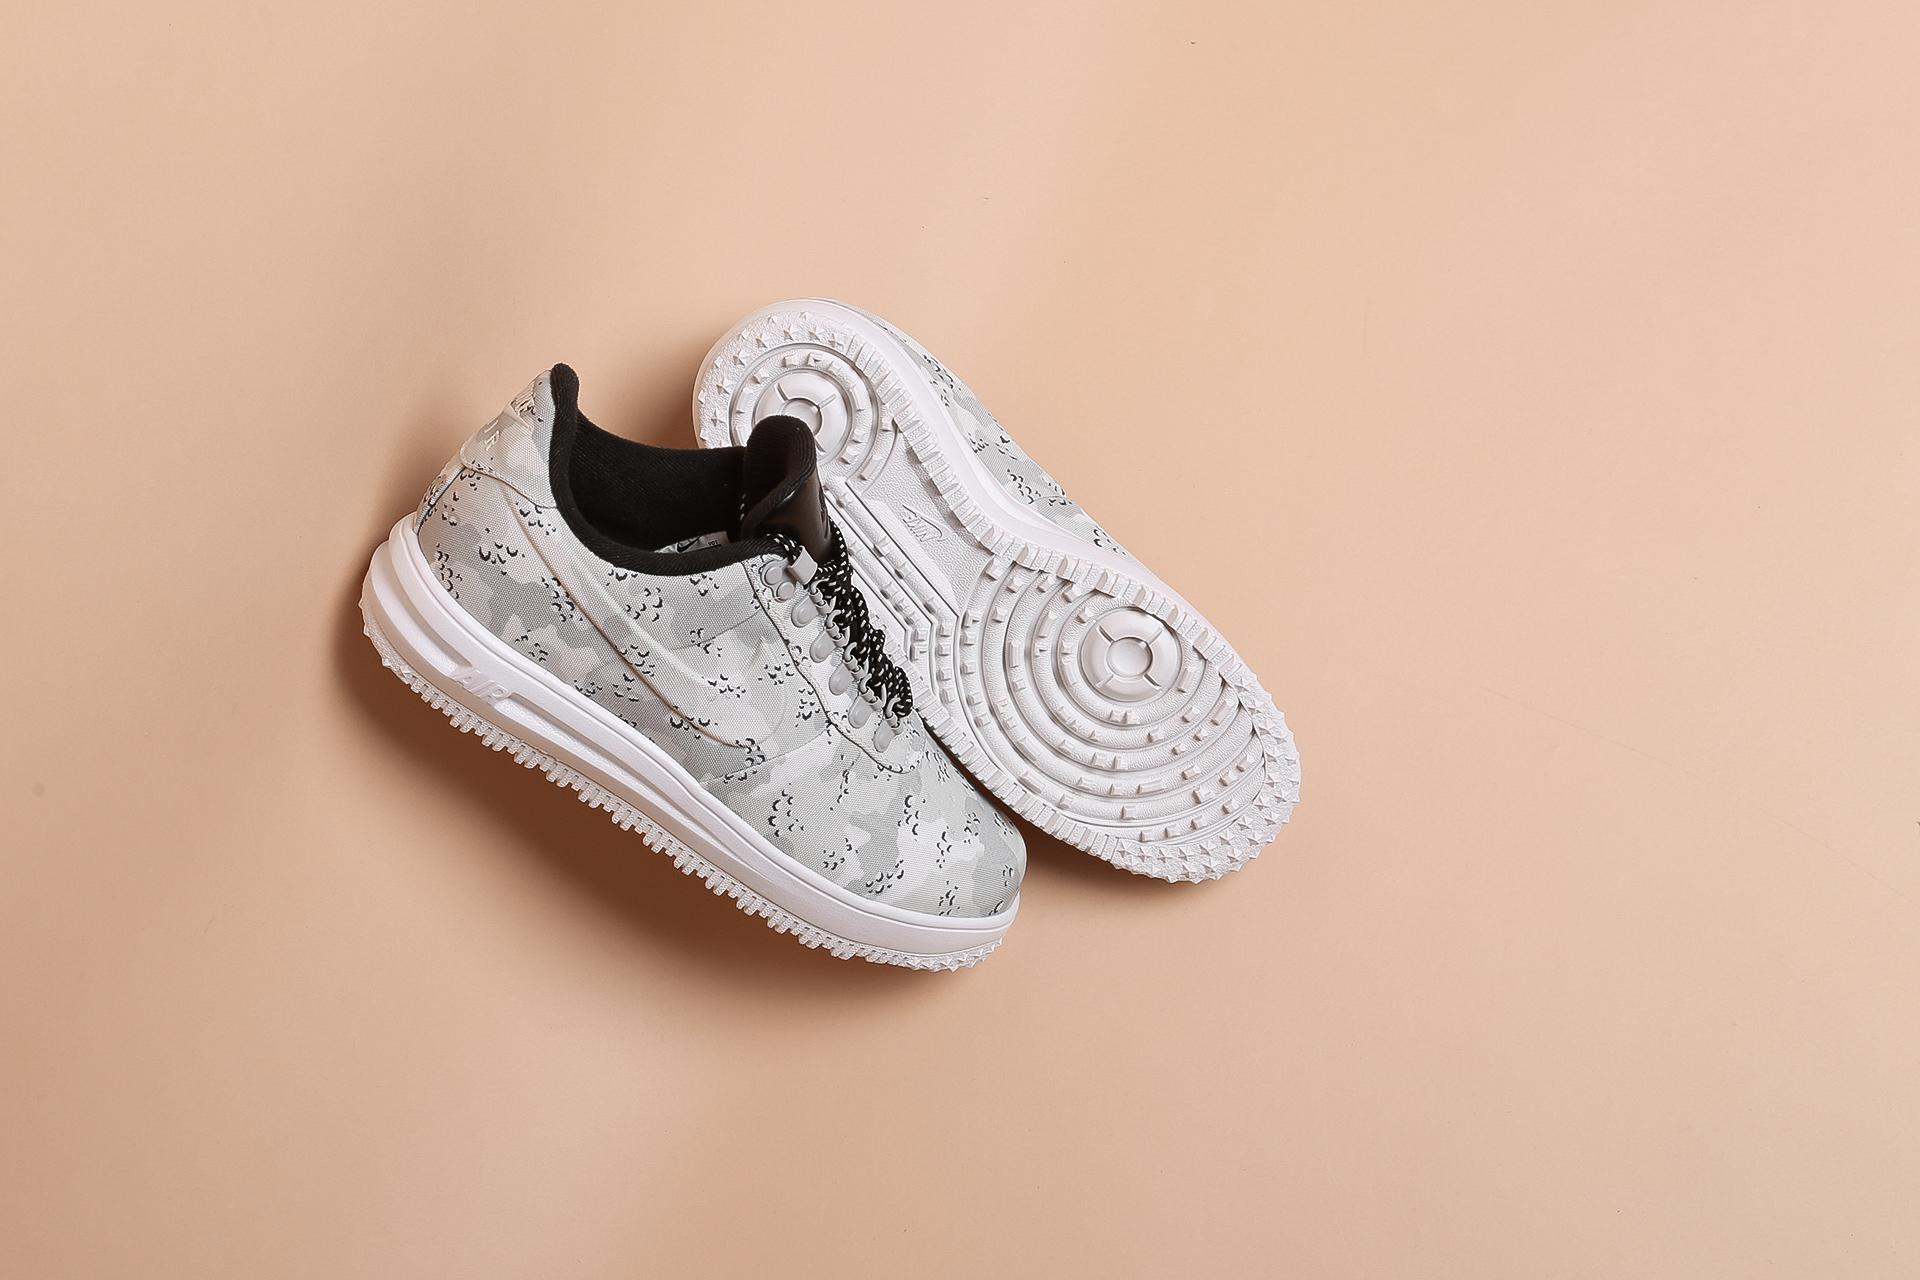 63efe54d Купить серые мужские ботинки LF1 Duckboot Low от Nike (AA1125-003 ...